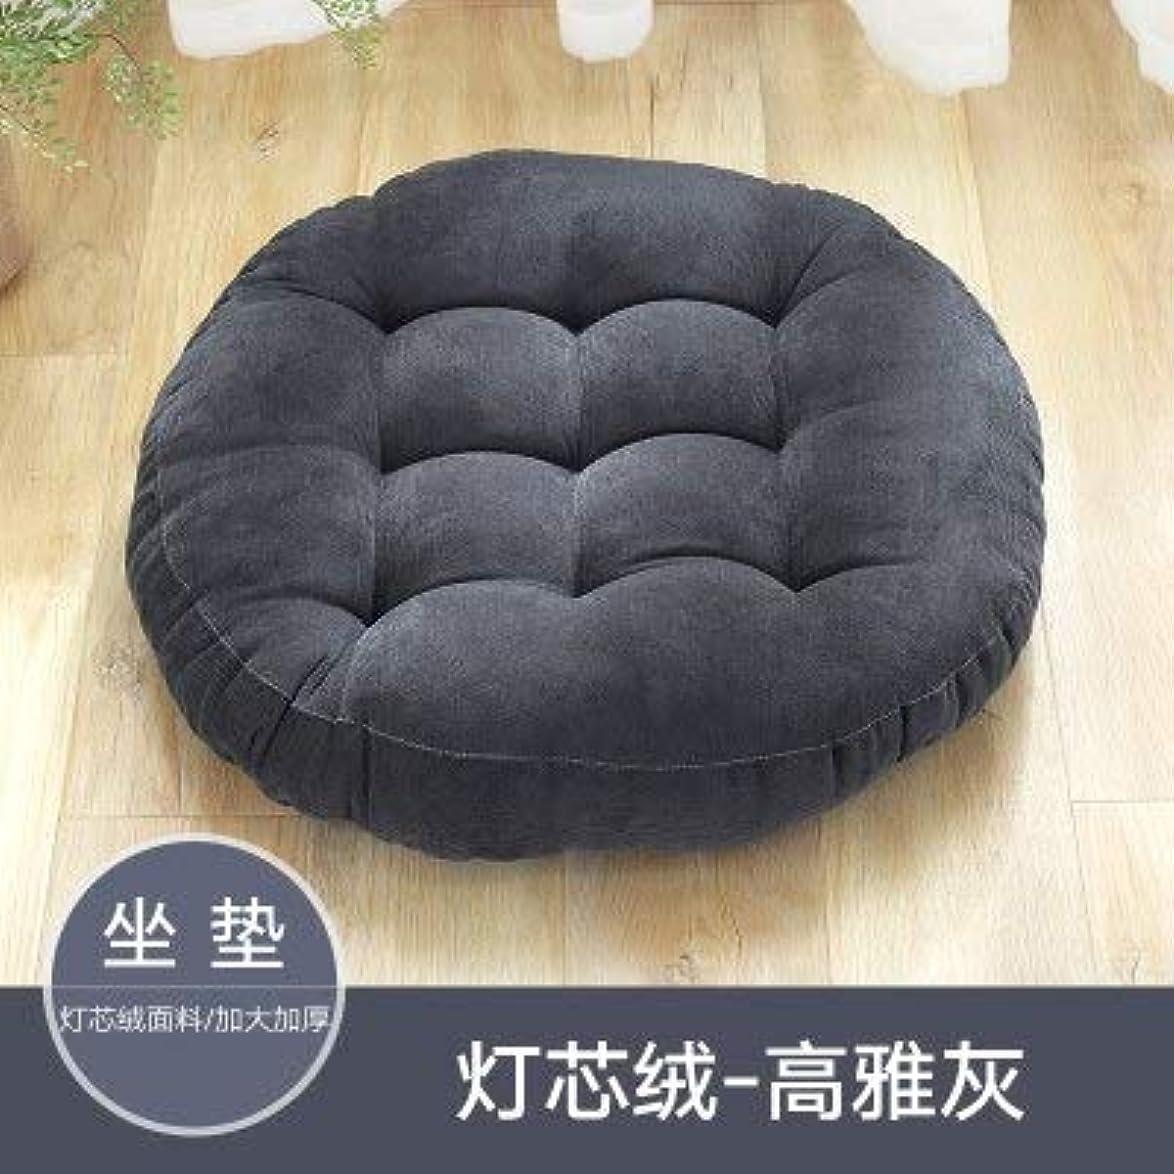 絶滅ワックス成功LIFE ラウンド厚い椅子のクッションフロアマットレスシートパッドソフトホームオフィスチェアクッションマットソフトスロー枕最高品質の床クッション クッション 椅子